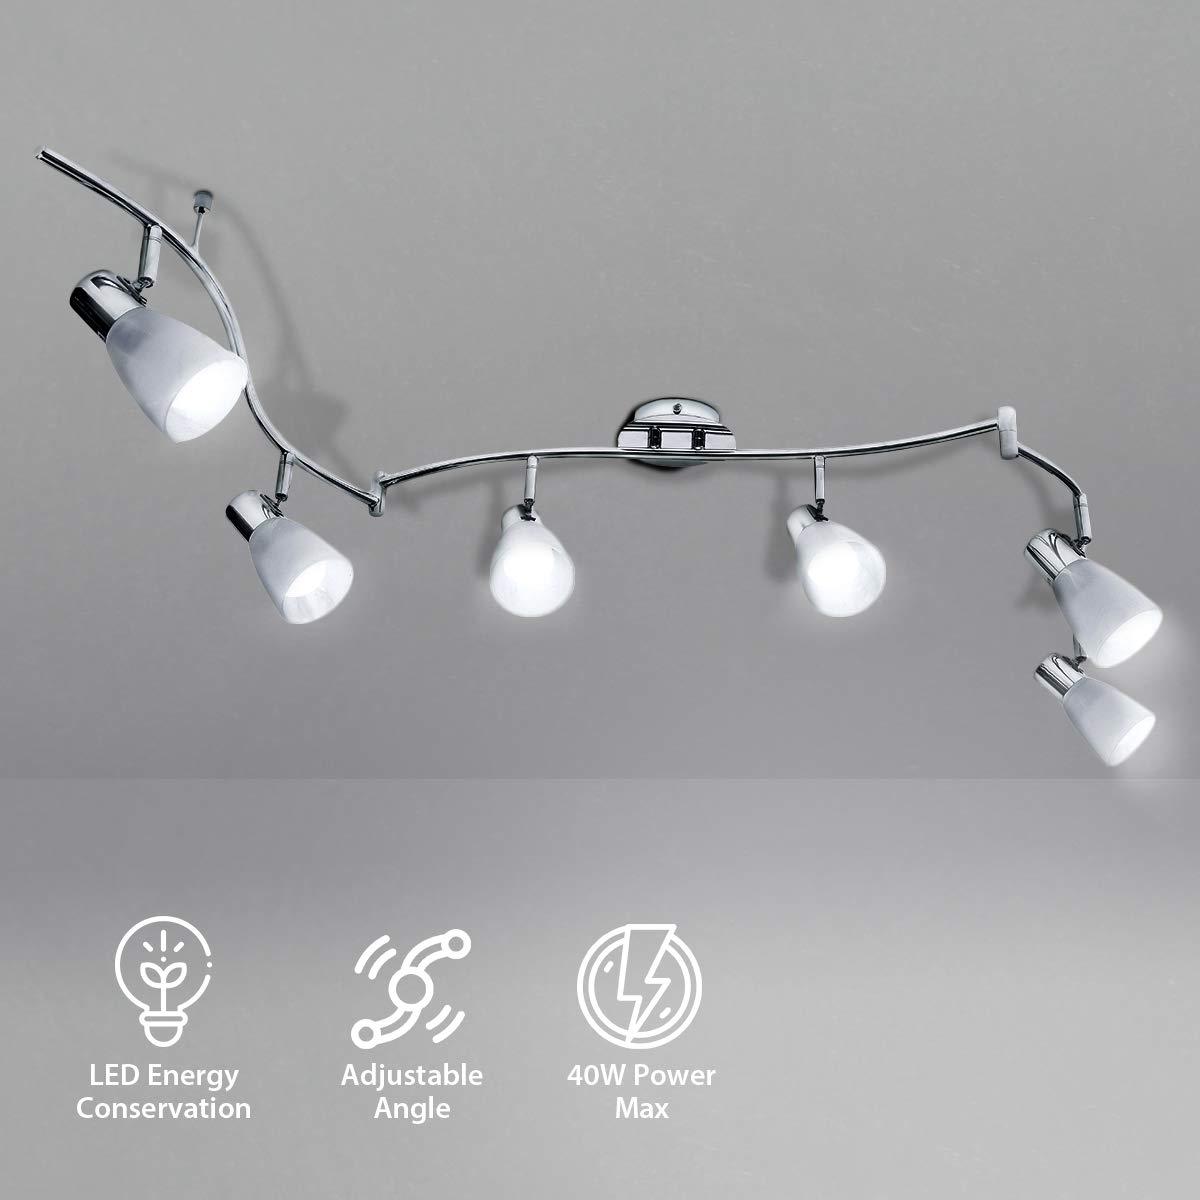 KINGSO LED Deckenleuchte 6 flammig Deckenstrahler E14 bewegliche Decken Spots schwenkbar Deckenlampe modern 85-265V für Esszimmer, Wohnzimmer,Schlafzimmer, Küche (Ohne Leuchtmittel)